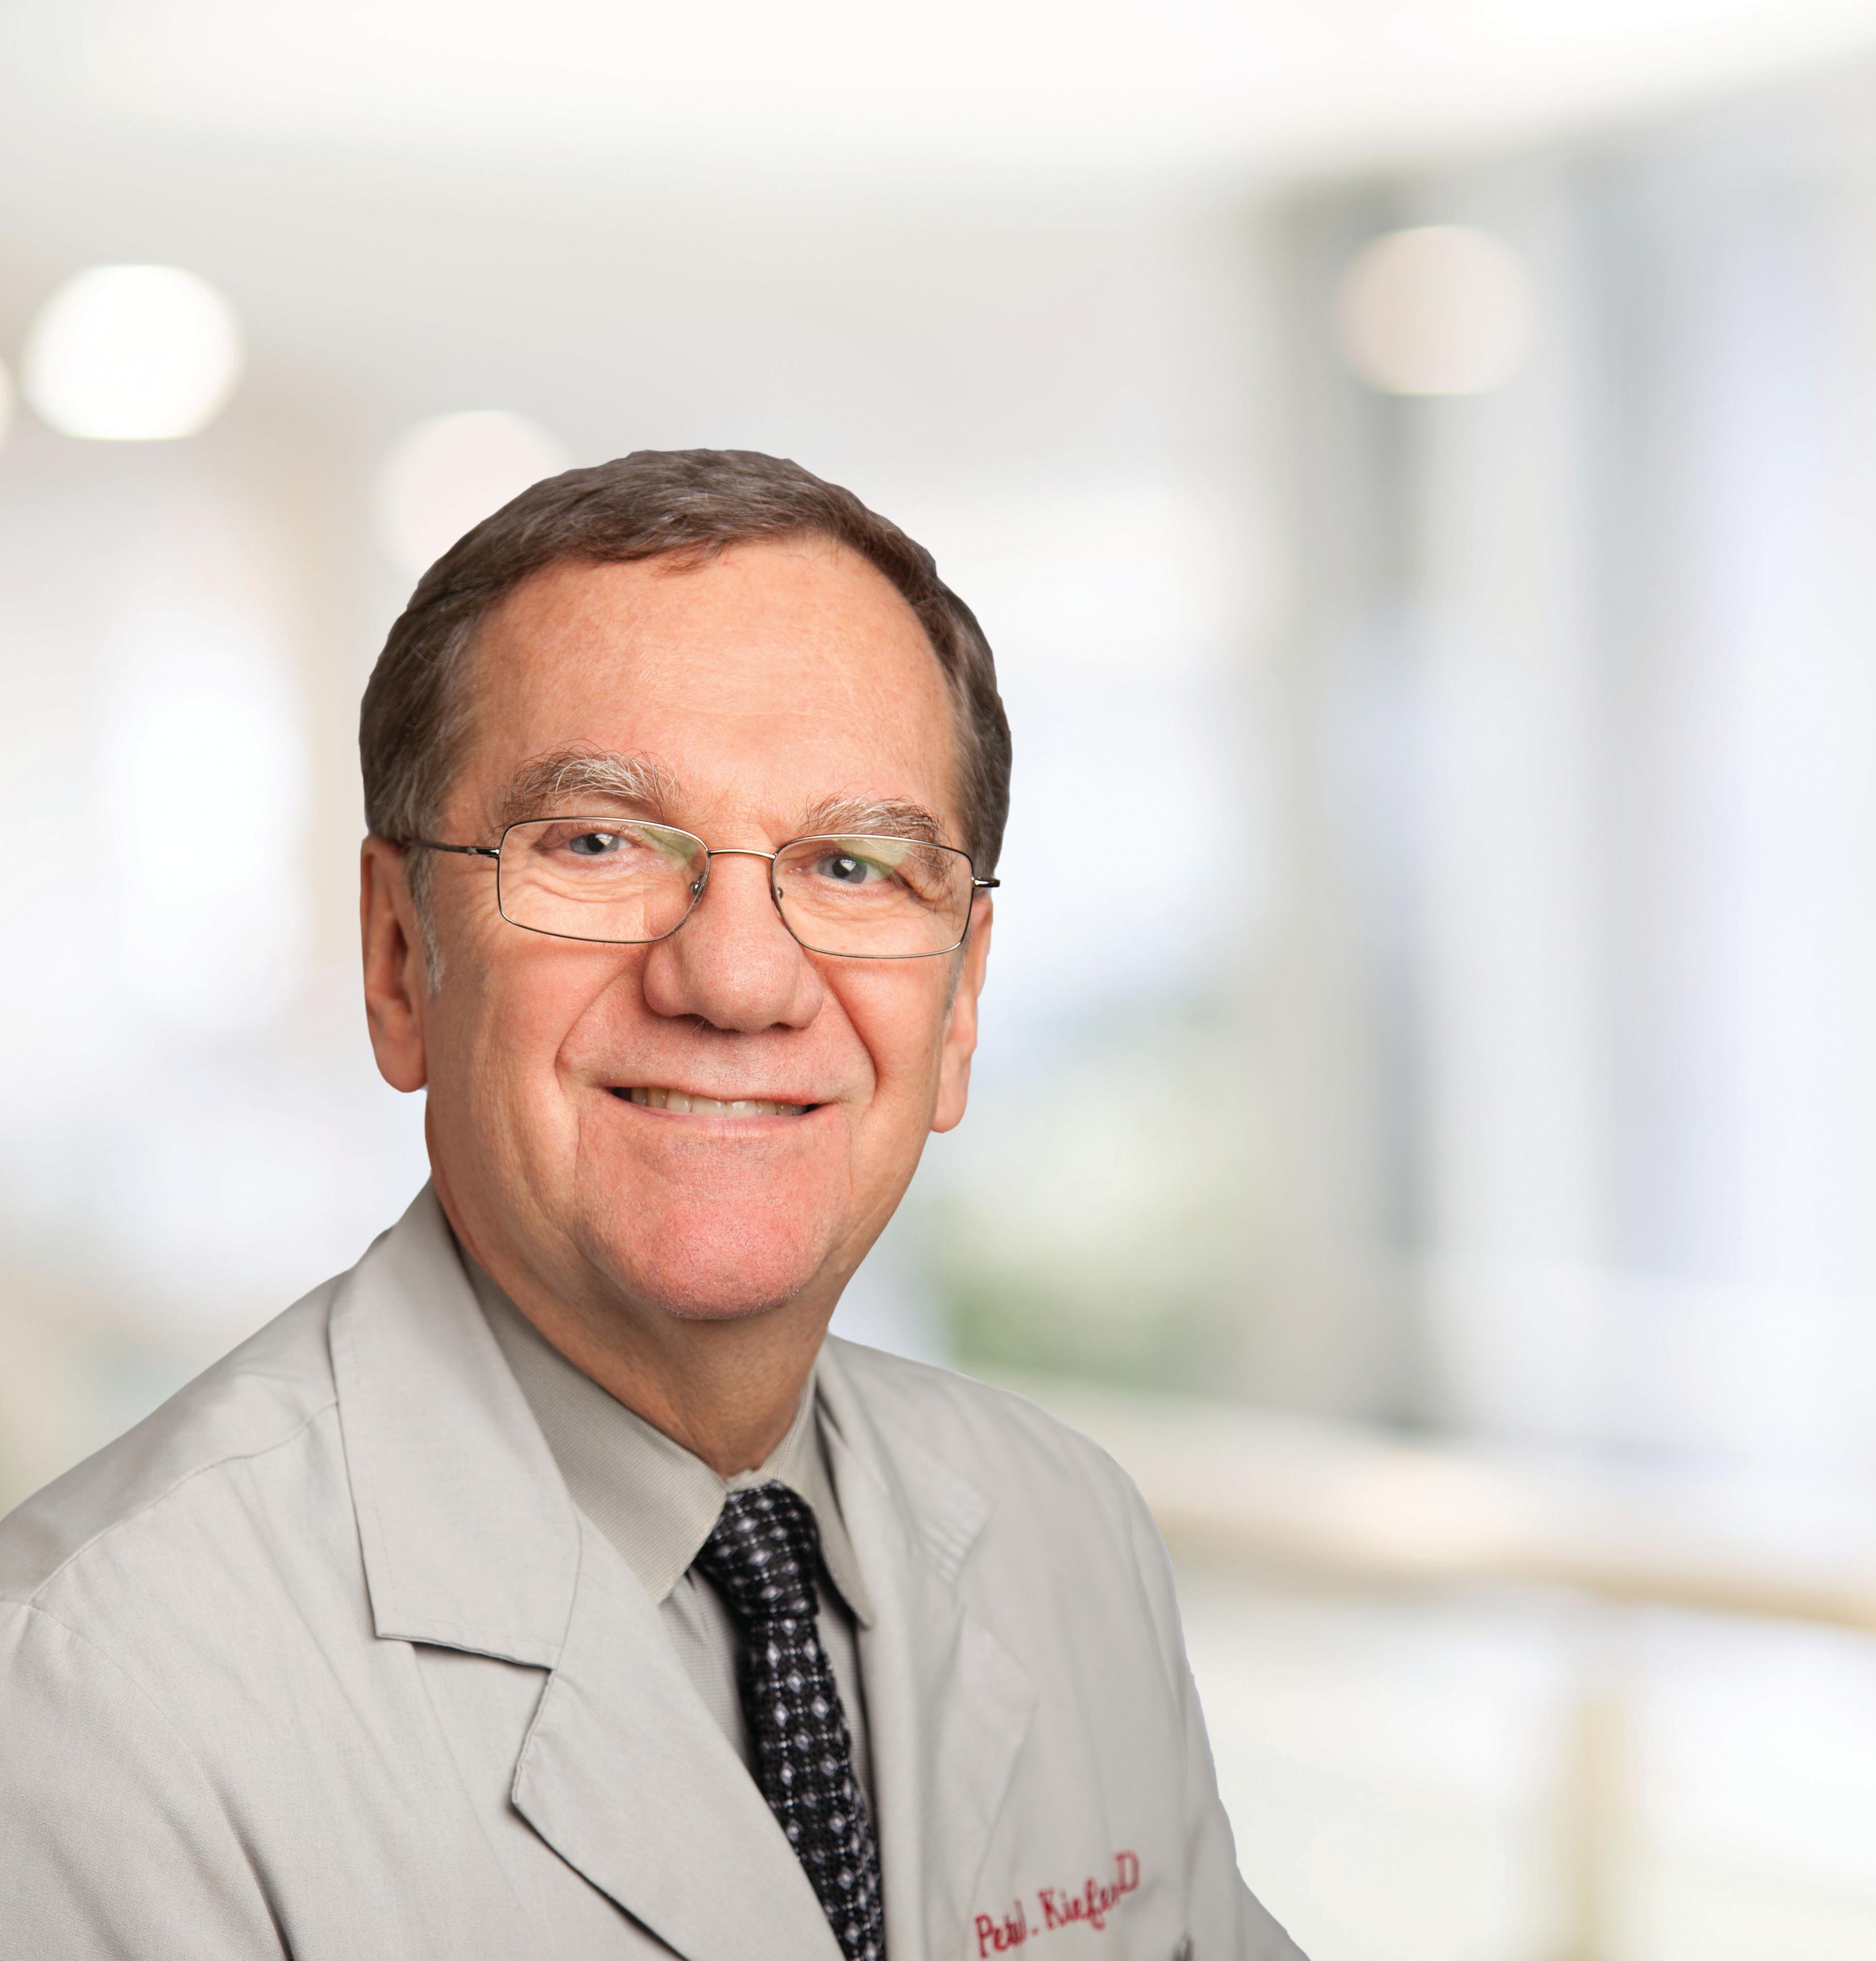 Dr. Peter  Kiefer MD - Rosemont, IL